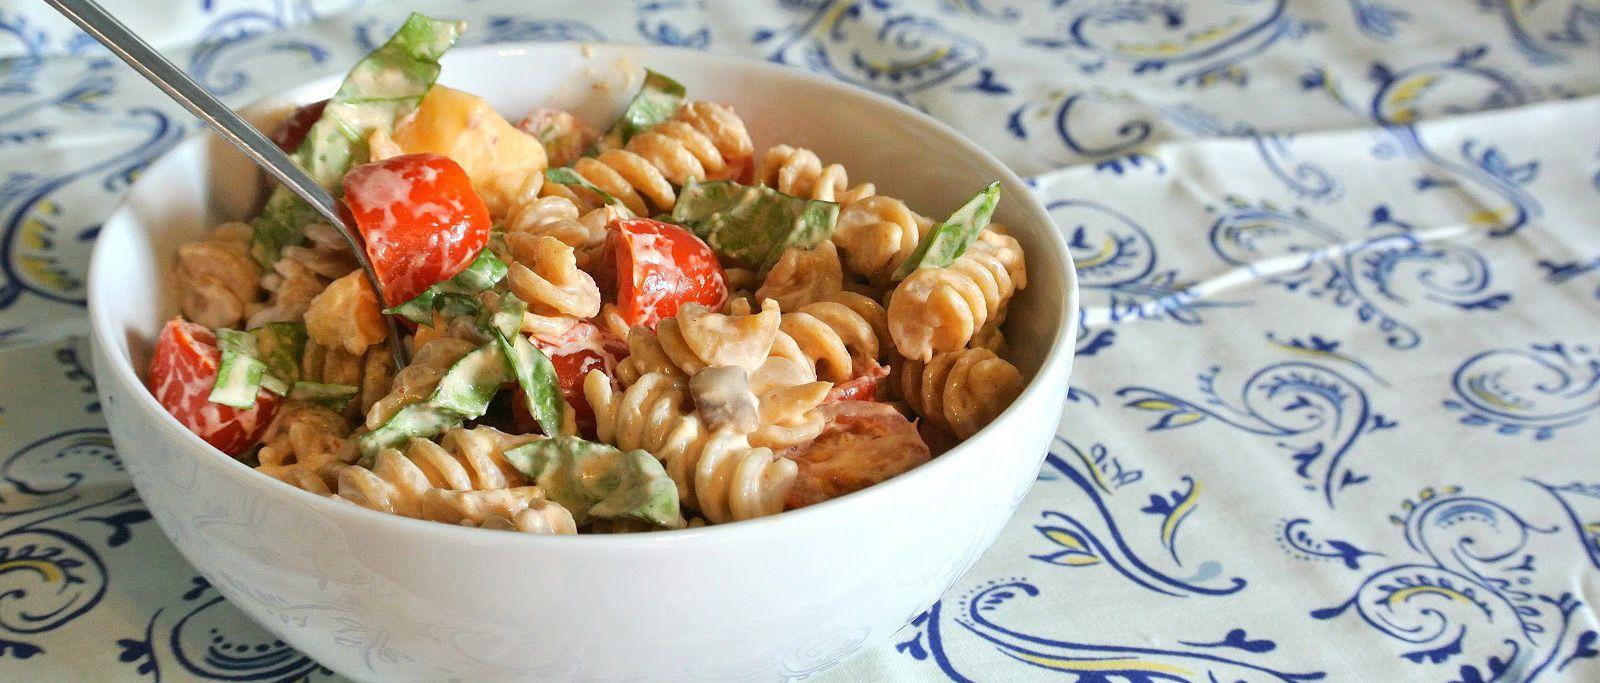 Spicy pasta salat med ost, tomater og persille